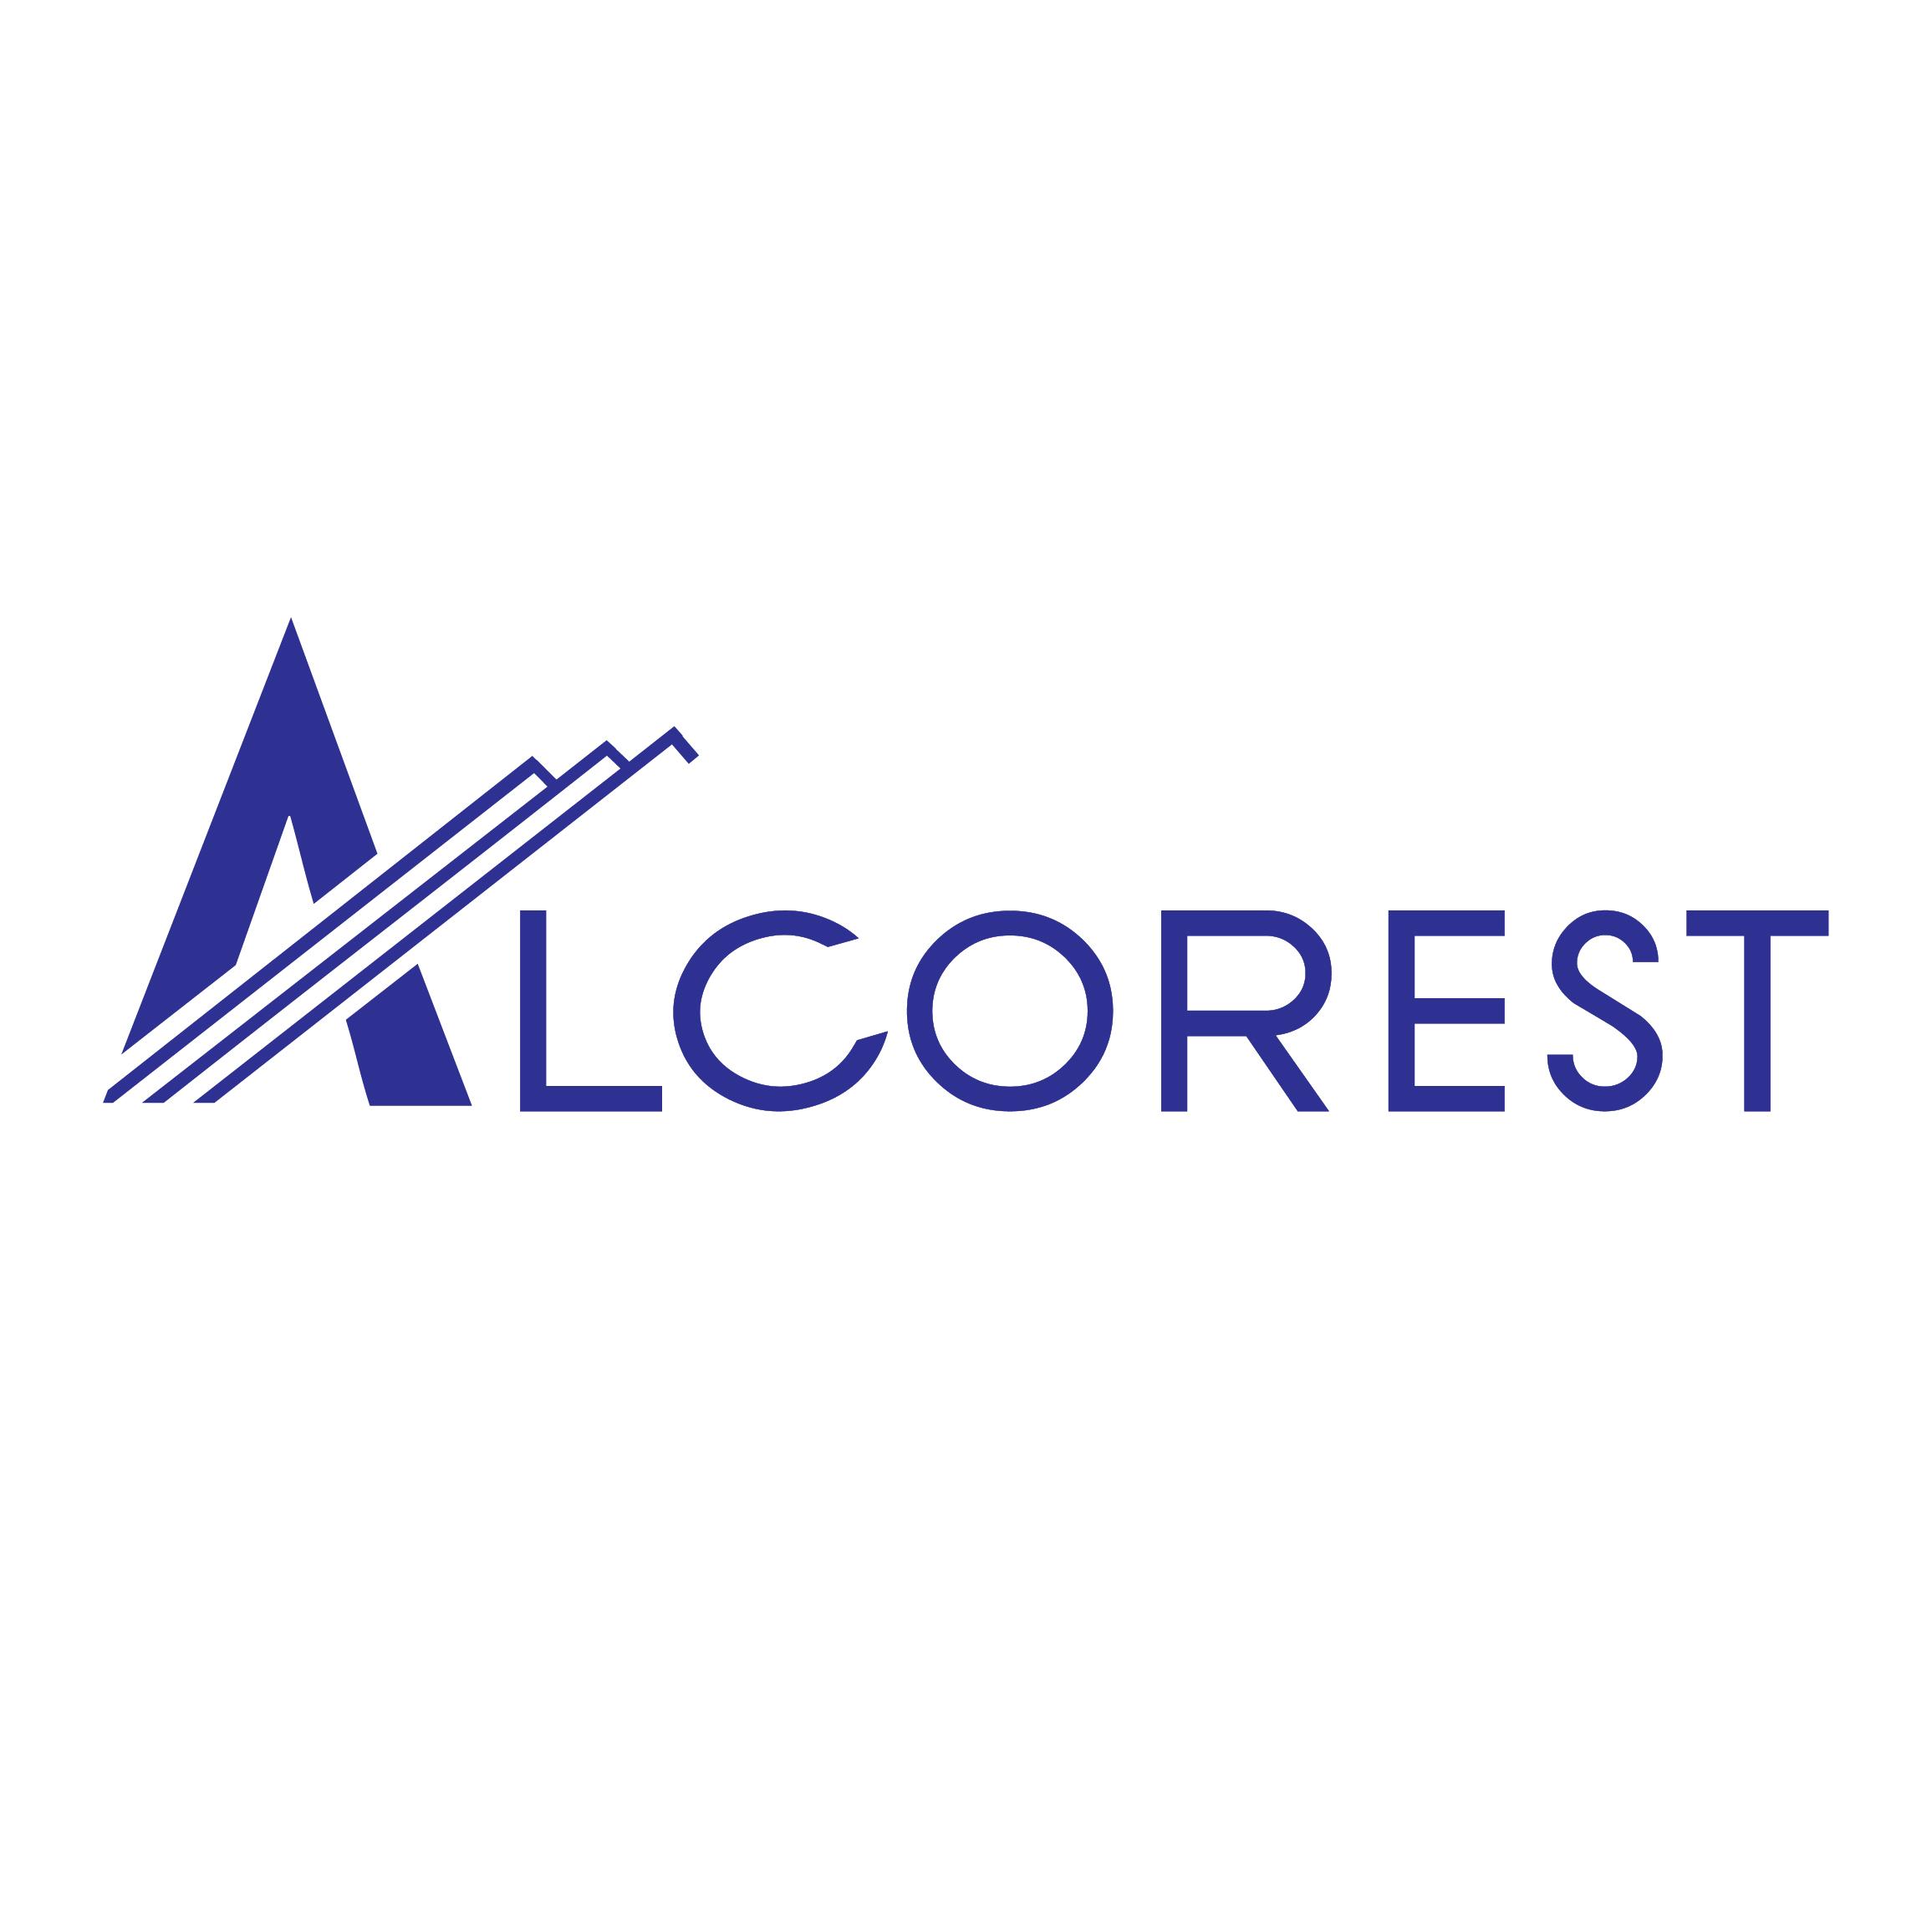 Alcorest